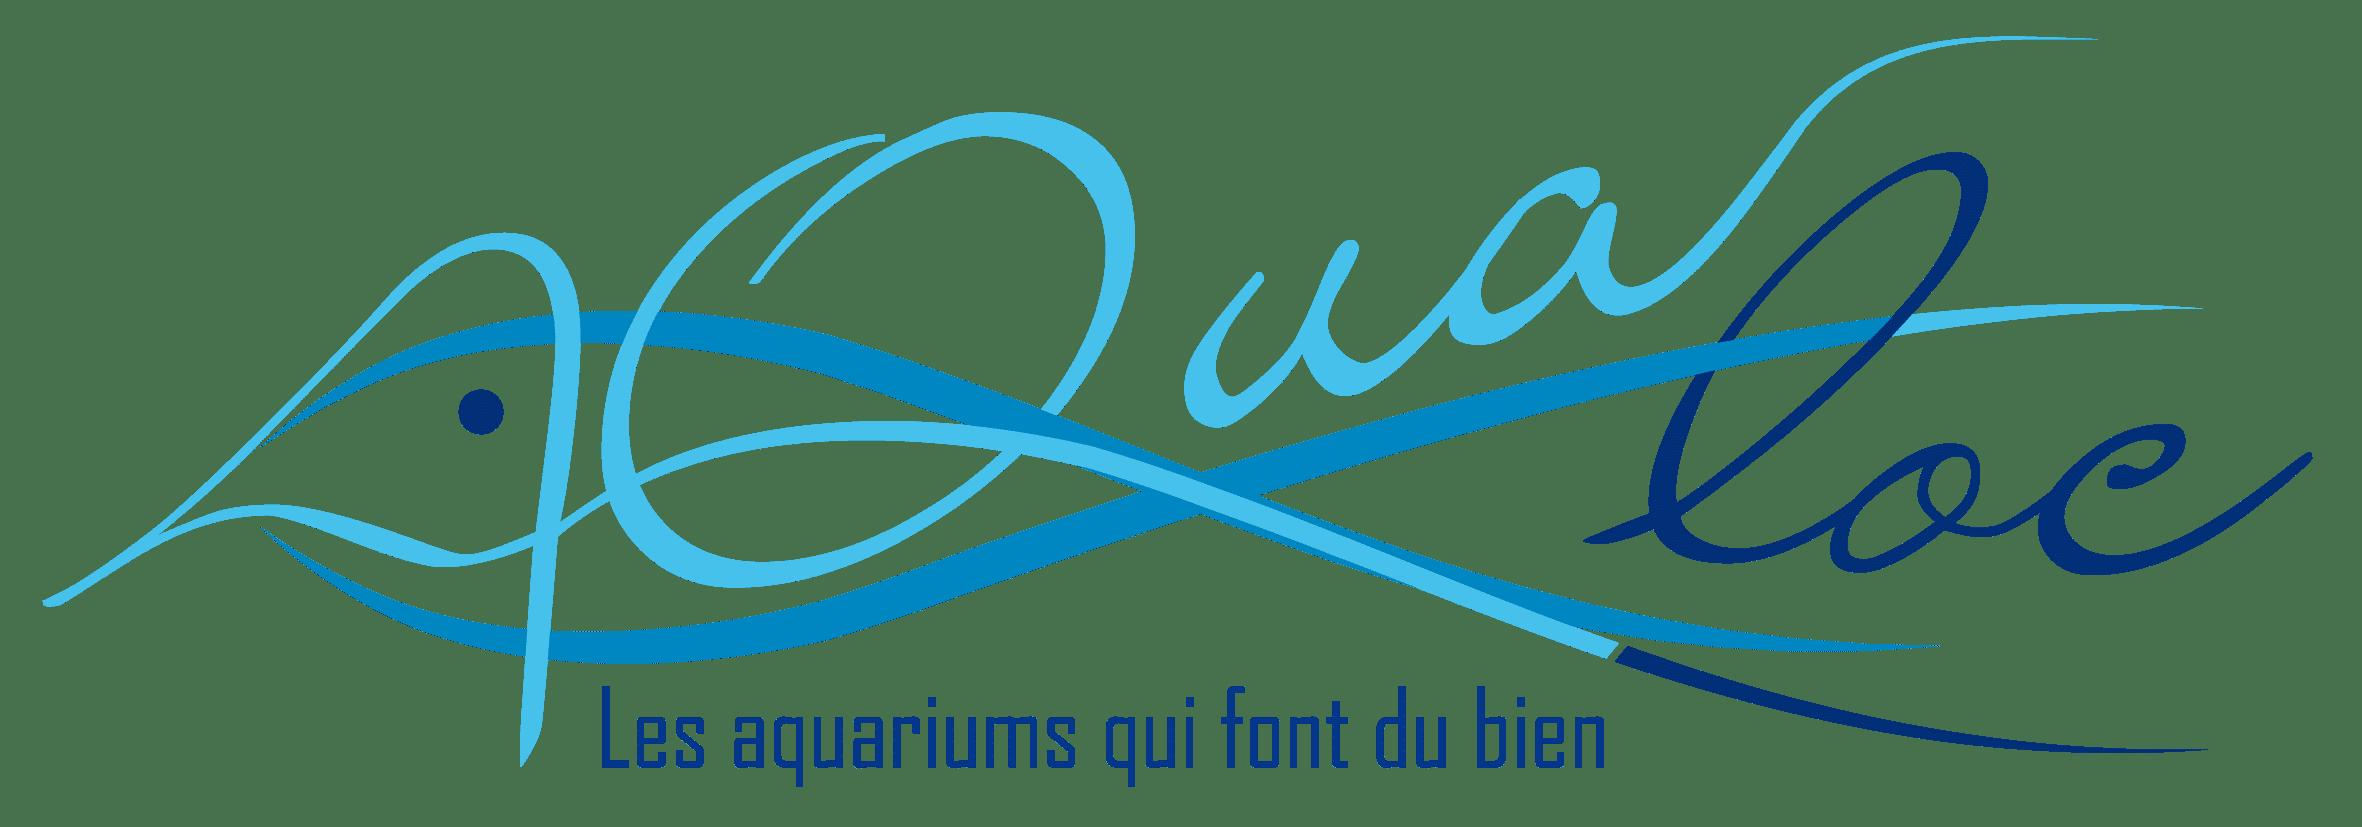 AquaLoc